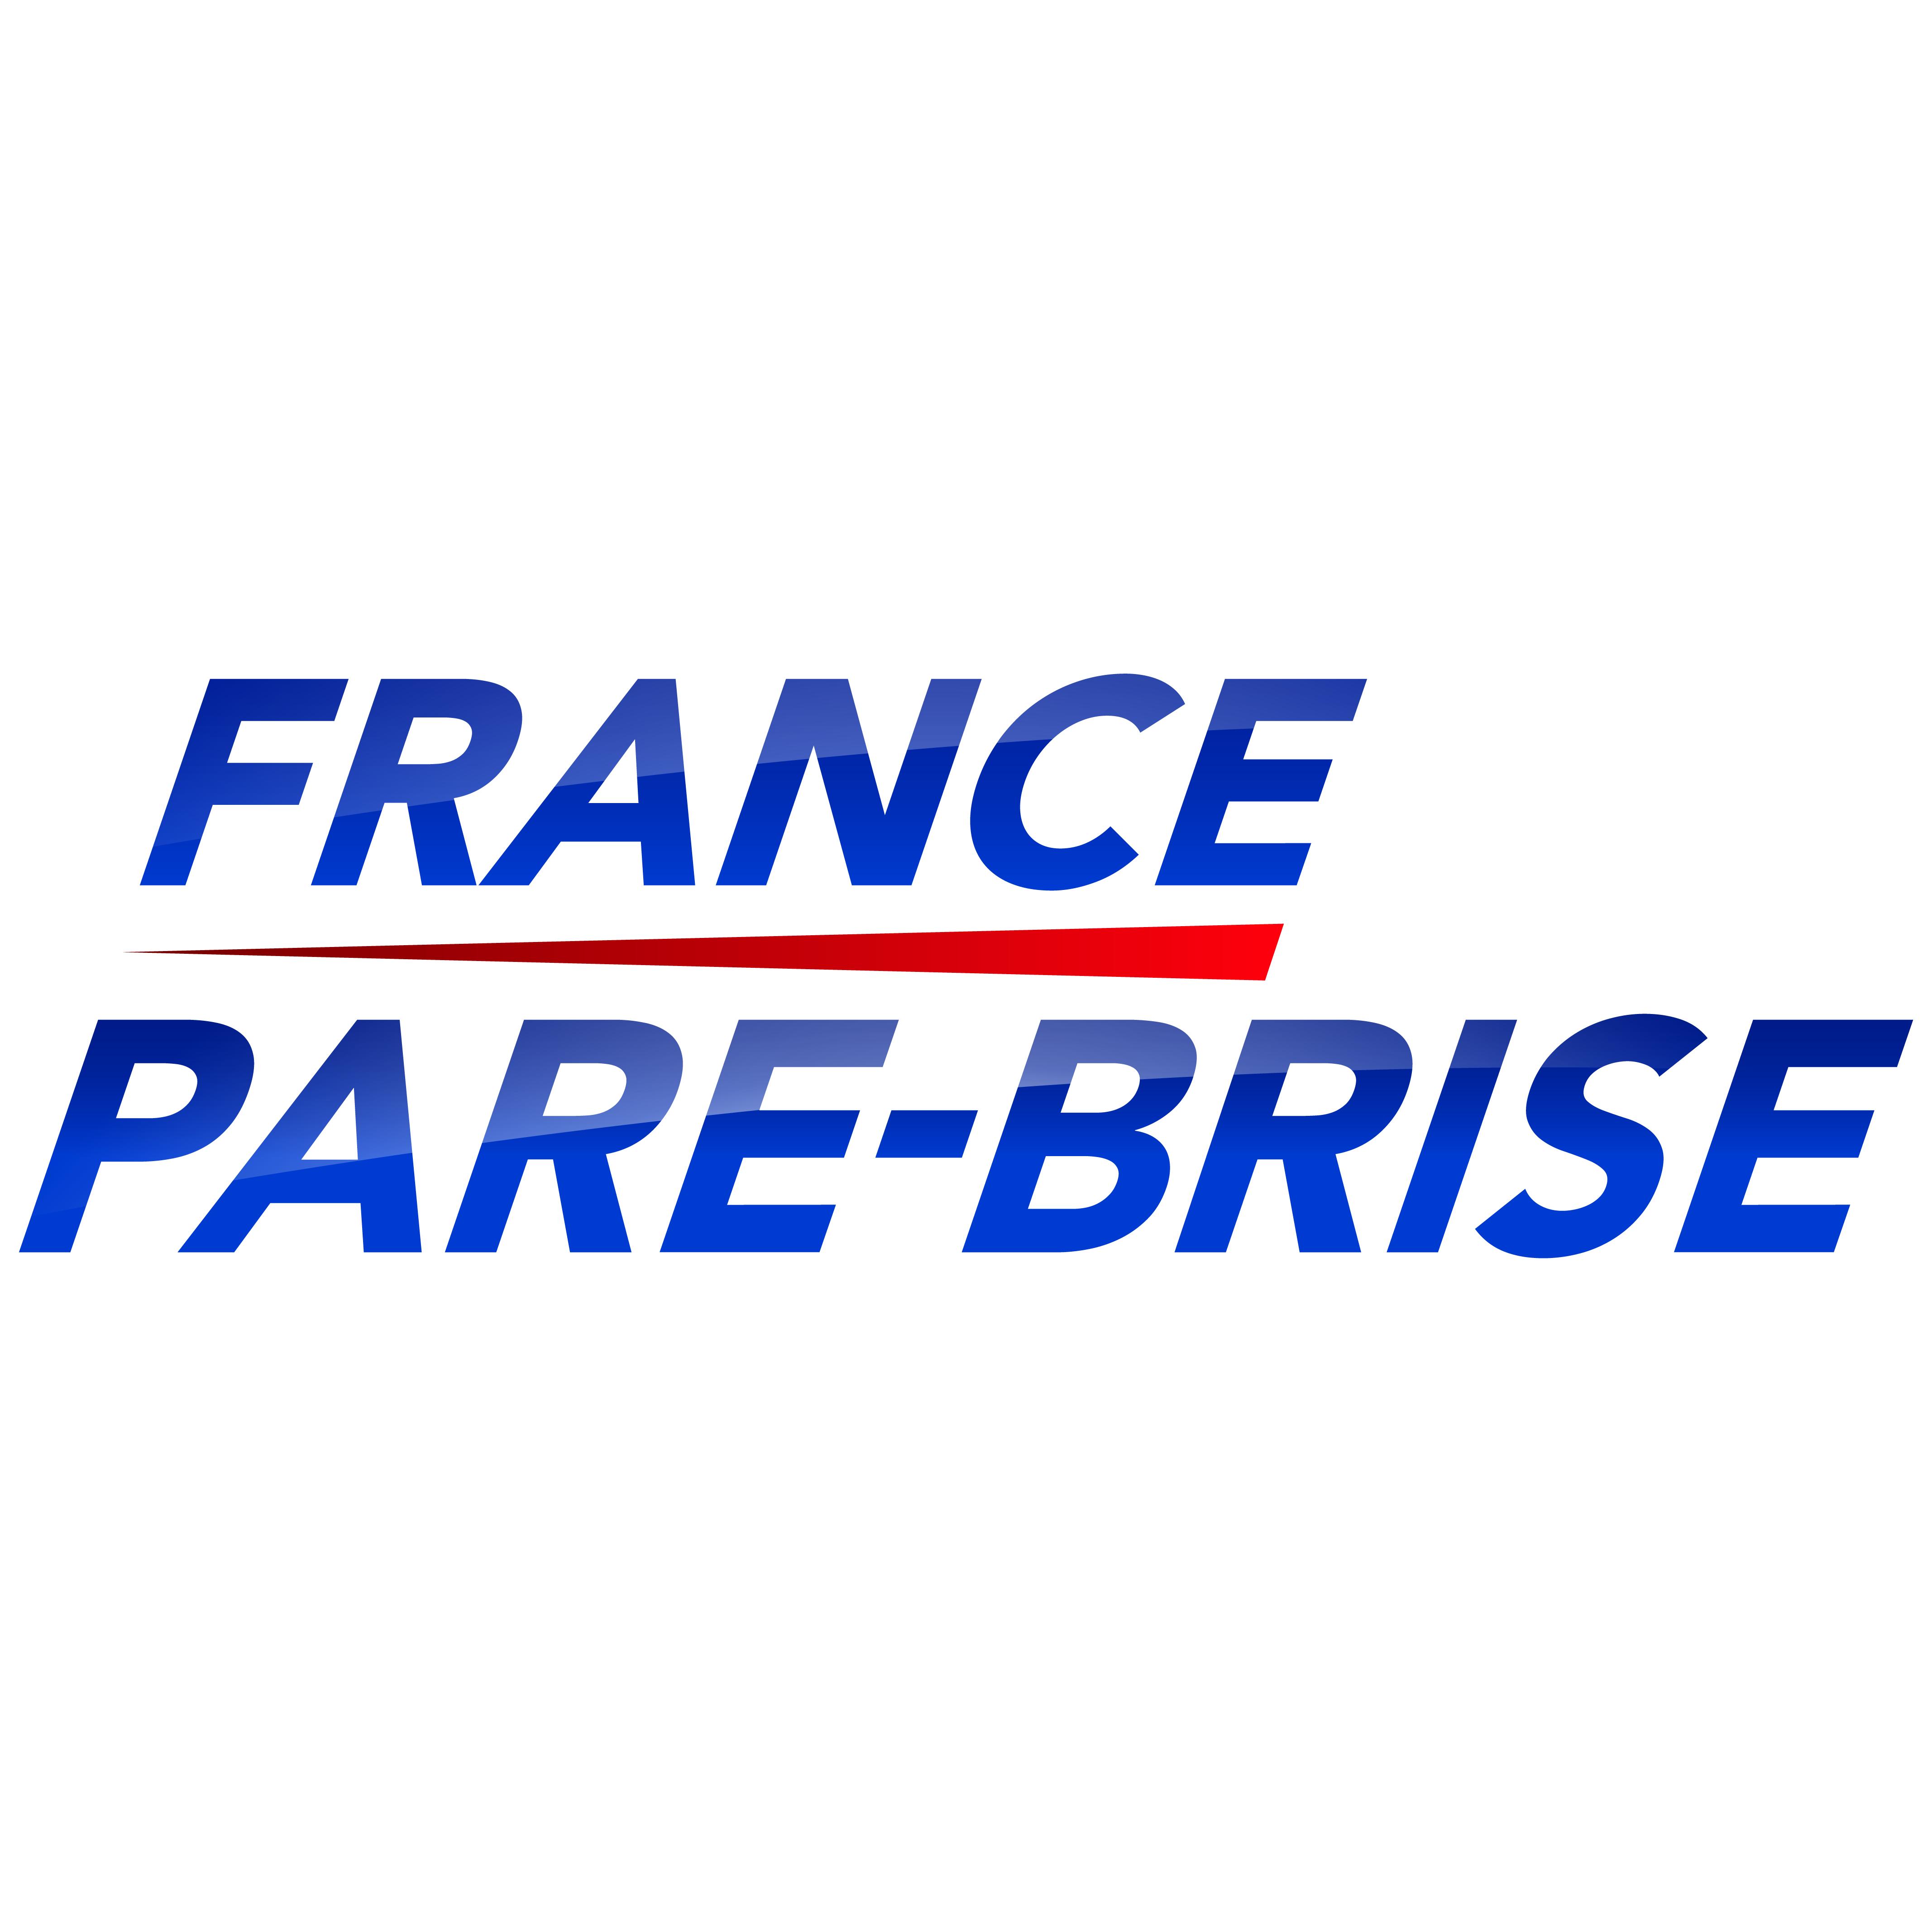 France Pare-Brise ARRAS vitrerie (pose), vitrier